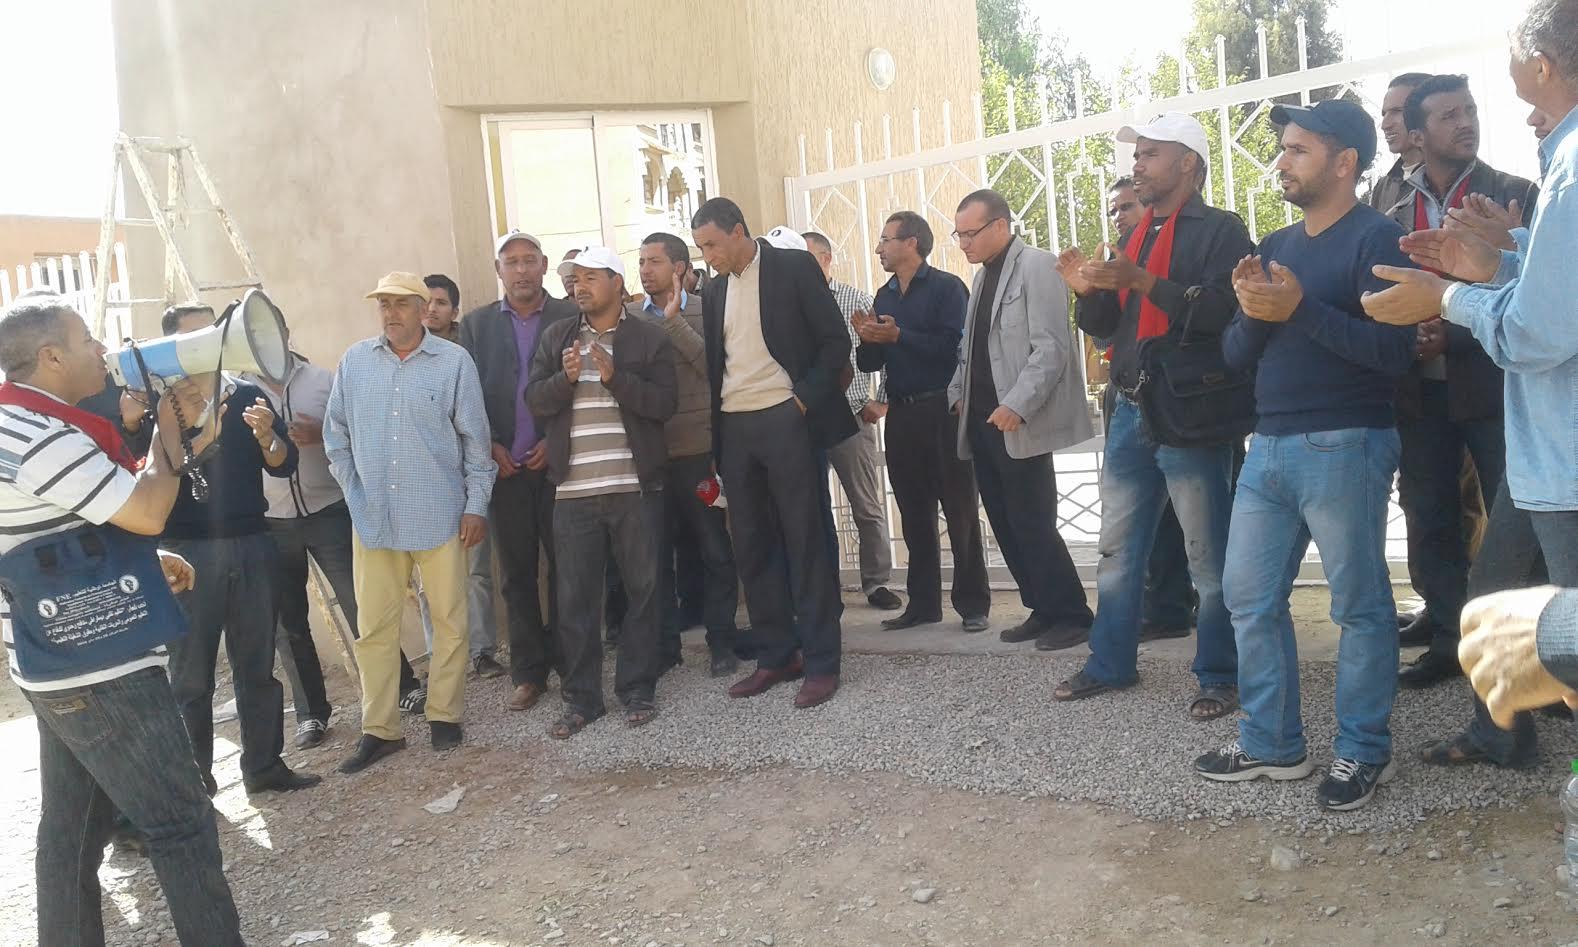 بيان المكتب الجهوي درعة تافيلالت ل FNE بعد الوقفة أمام الاكاديمية الجهوية بالراشيدية 16 أكتوبر 2016-3